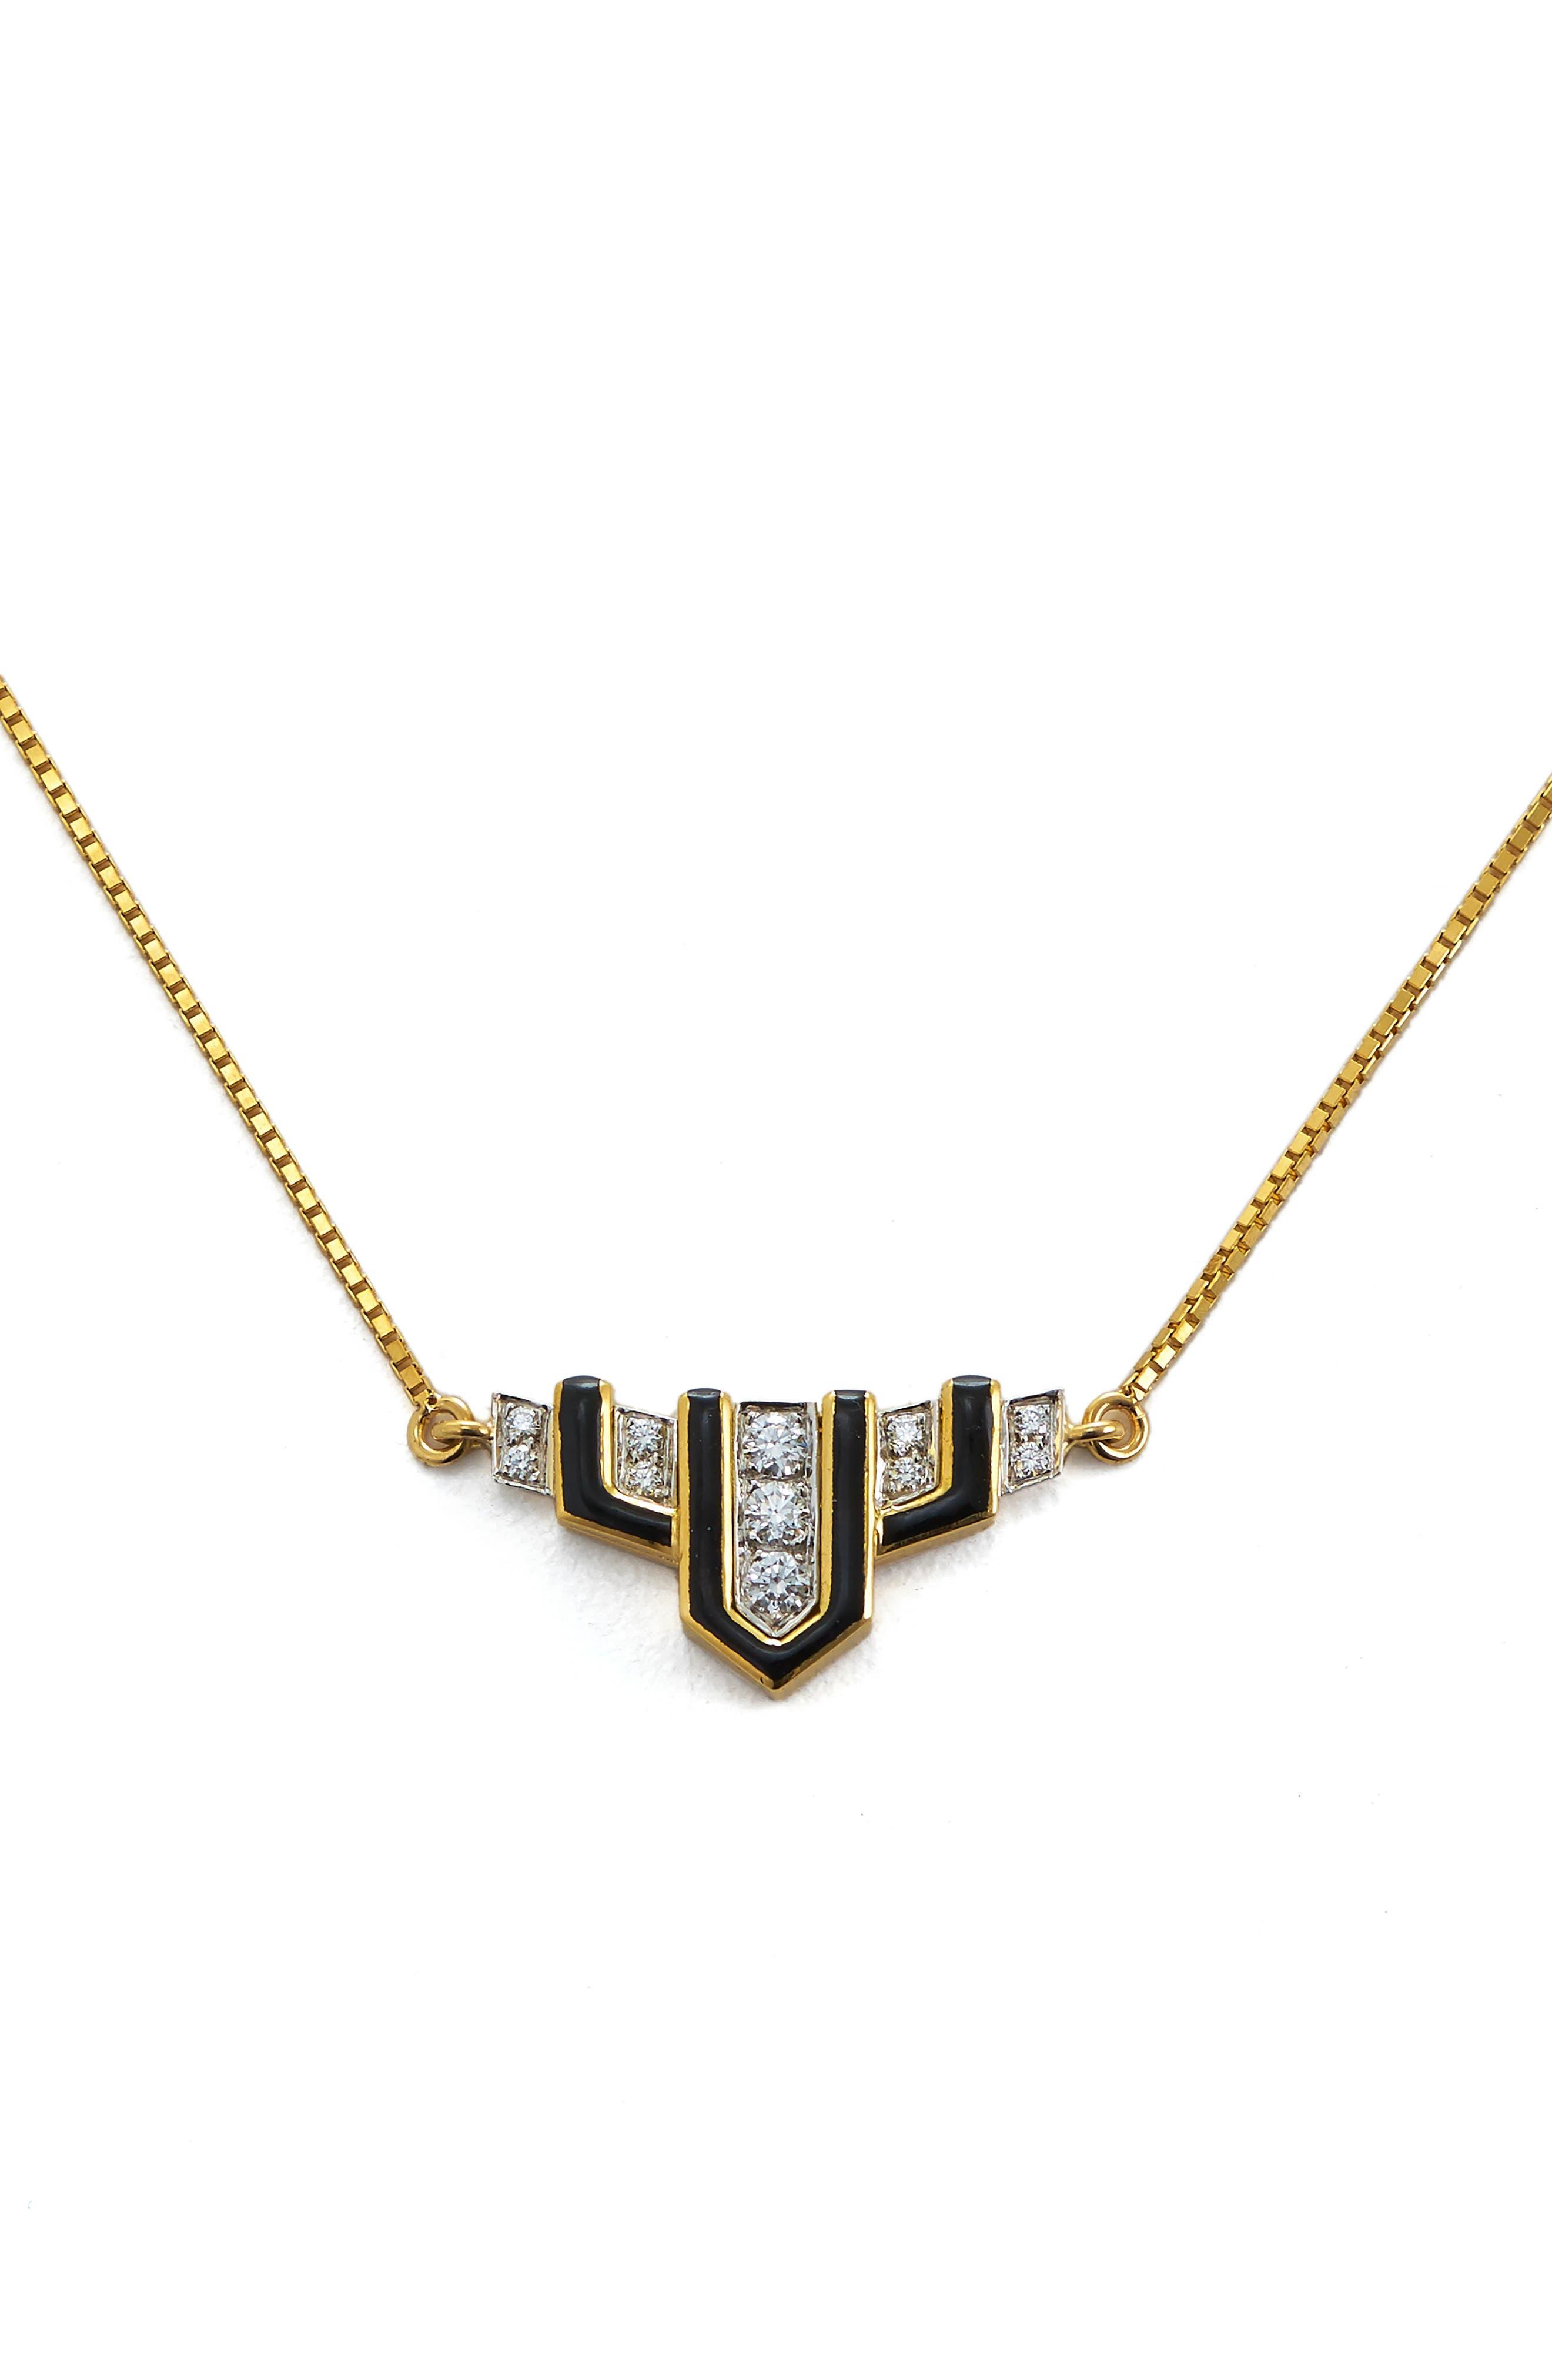 Motif Scape Pendant Necklace